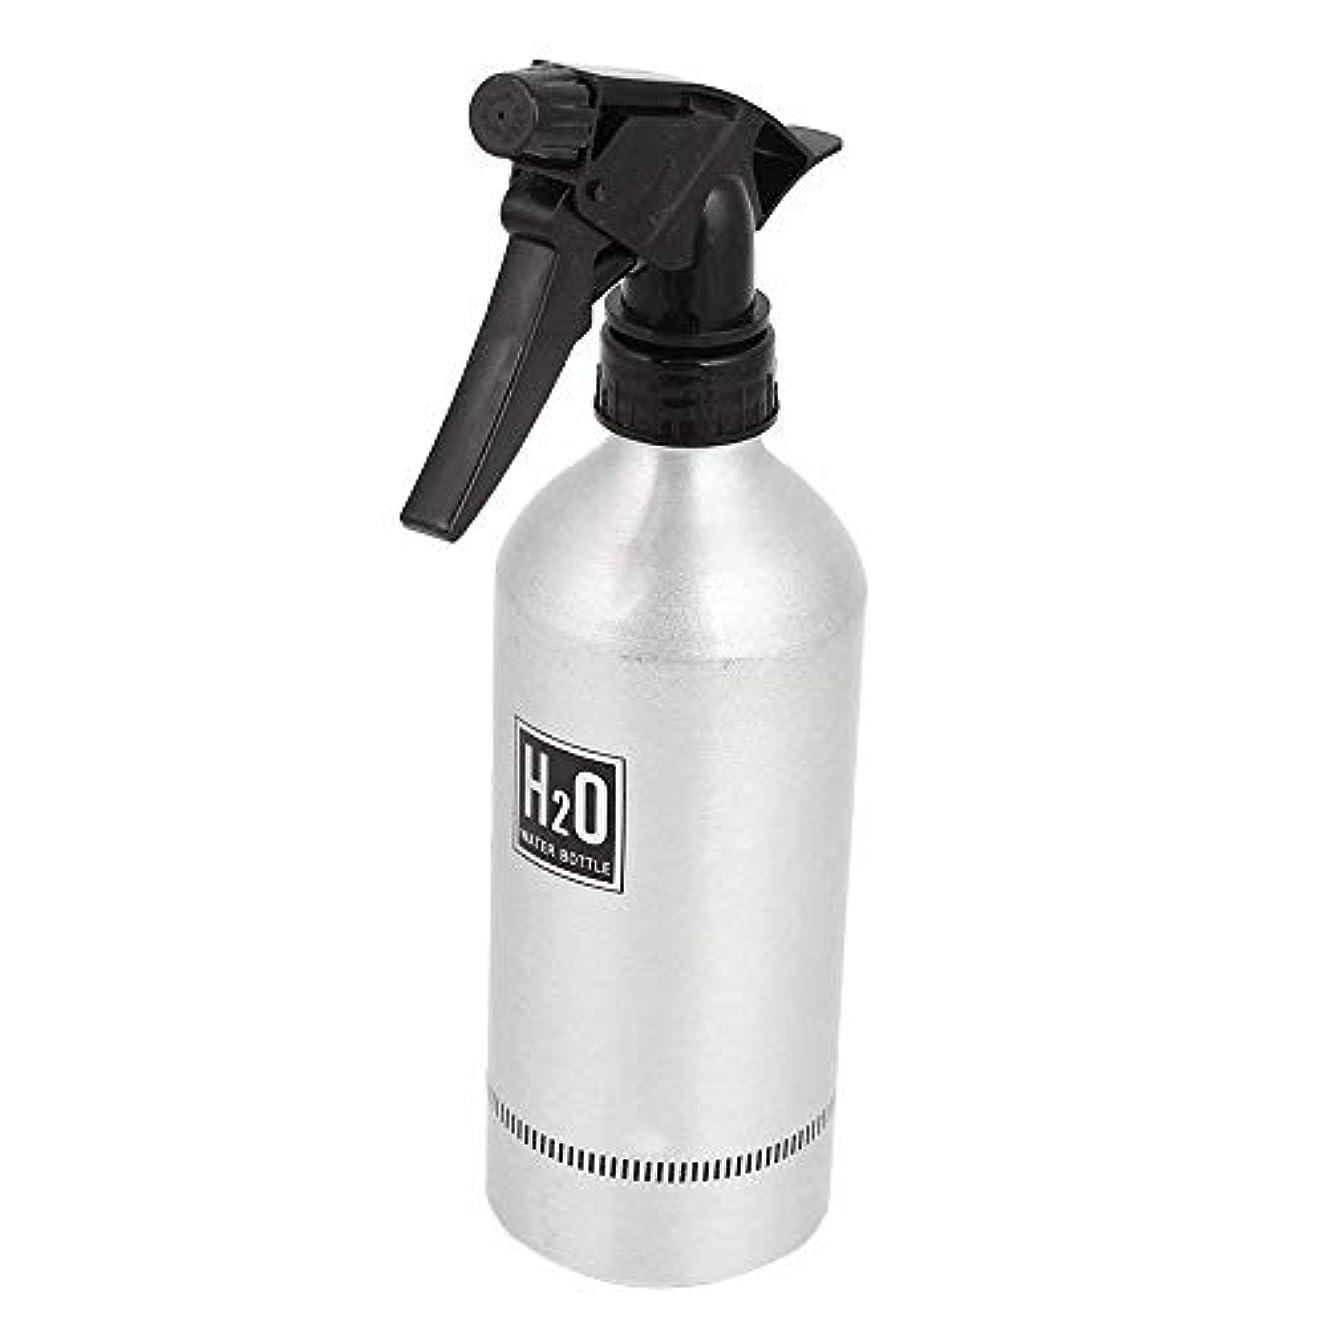 尋ねる延ばす誤解を招くOnior アルミ スプレー缶 水髪器 スプレー スプレーボトル 美容ツール サロン 理髪師 美容師 清潔 クリーニング 500ミリリットル